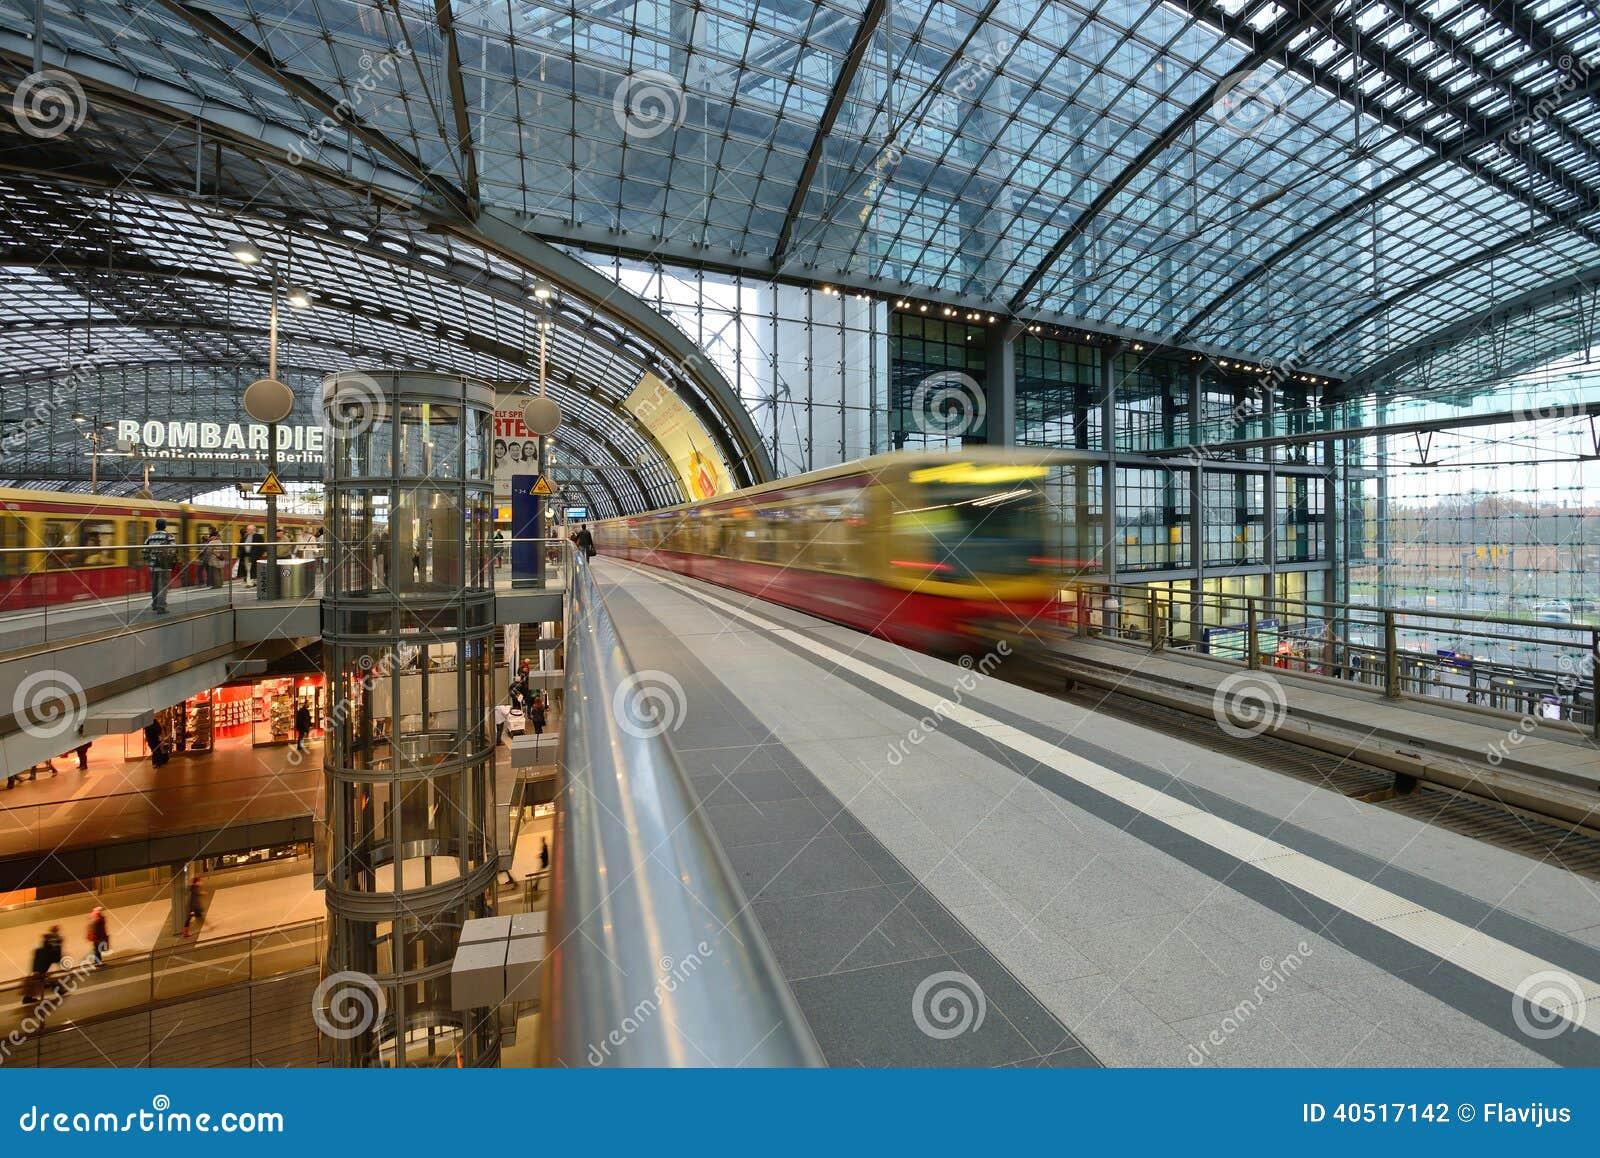 2013年11月23日的柏林中央火车站在柏林,德国 1,800列火车叫在驻地图片